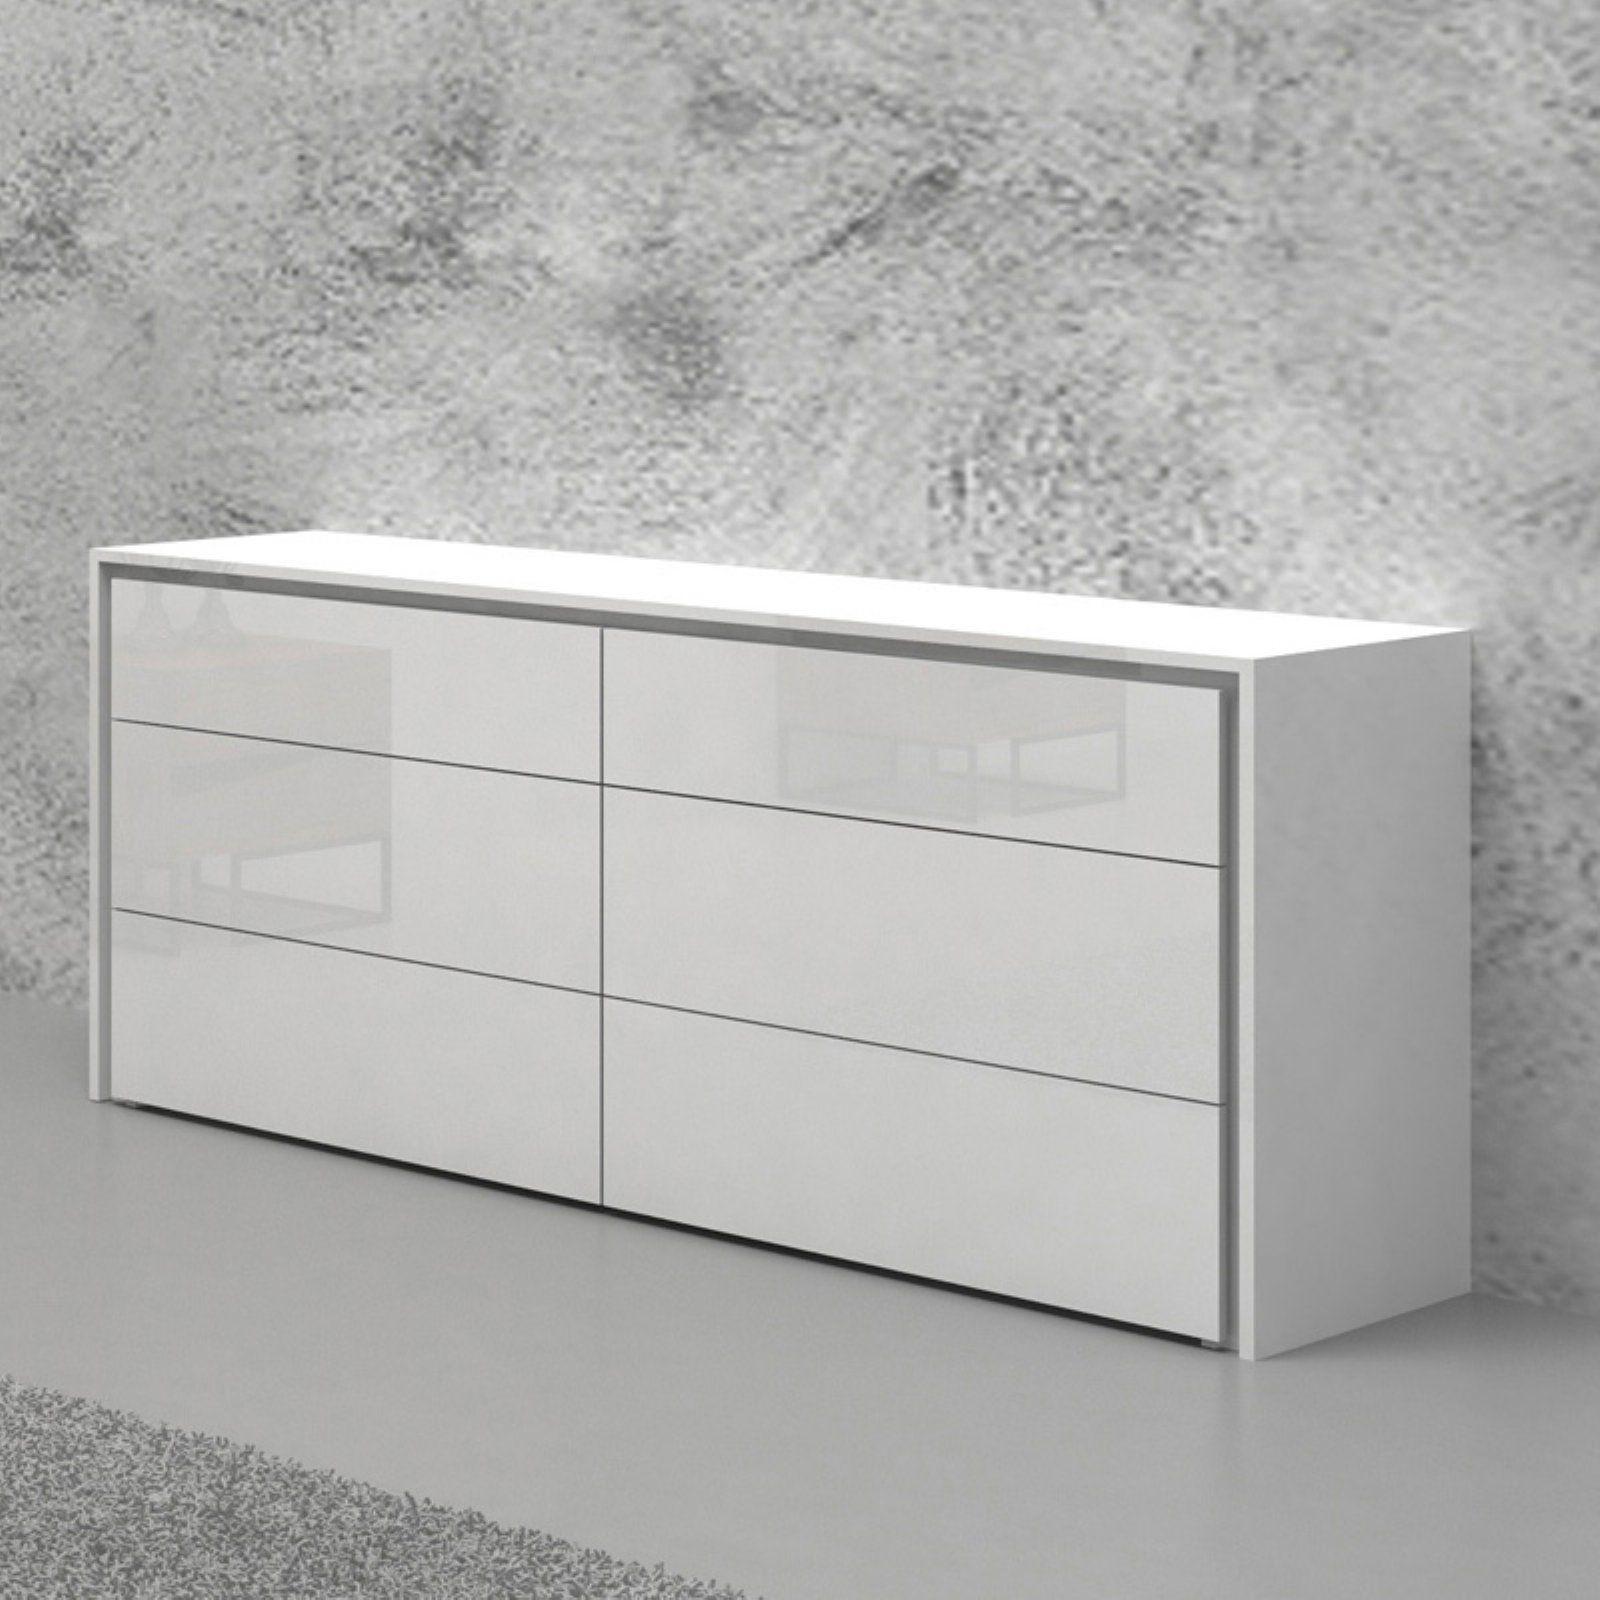 Casabianca Home Zen 6 Drawer Dresser High Gloss White Bedroom Furniture Dresser Dresser Drawers Vintage Bedroom Furniture [ 1600 x 1600 Pixel ]